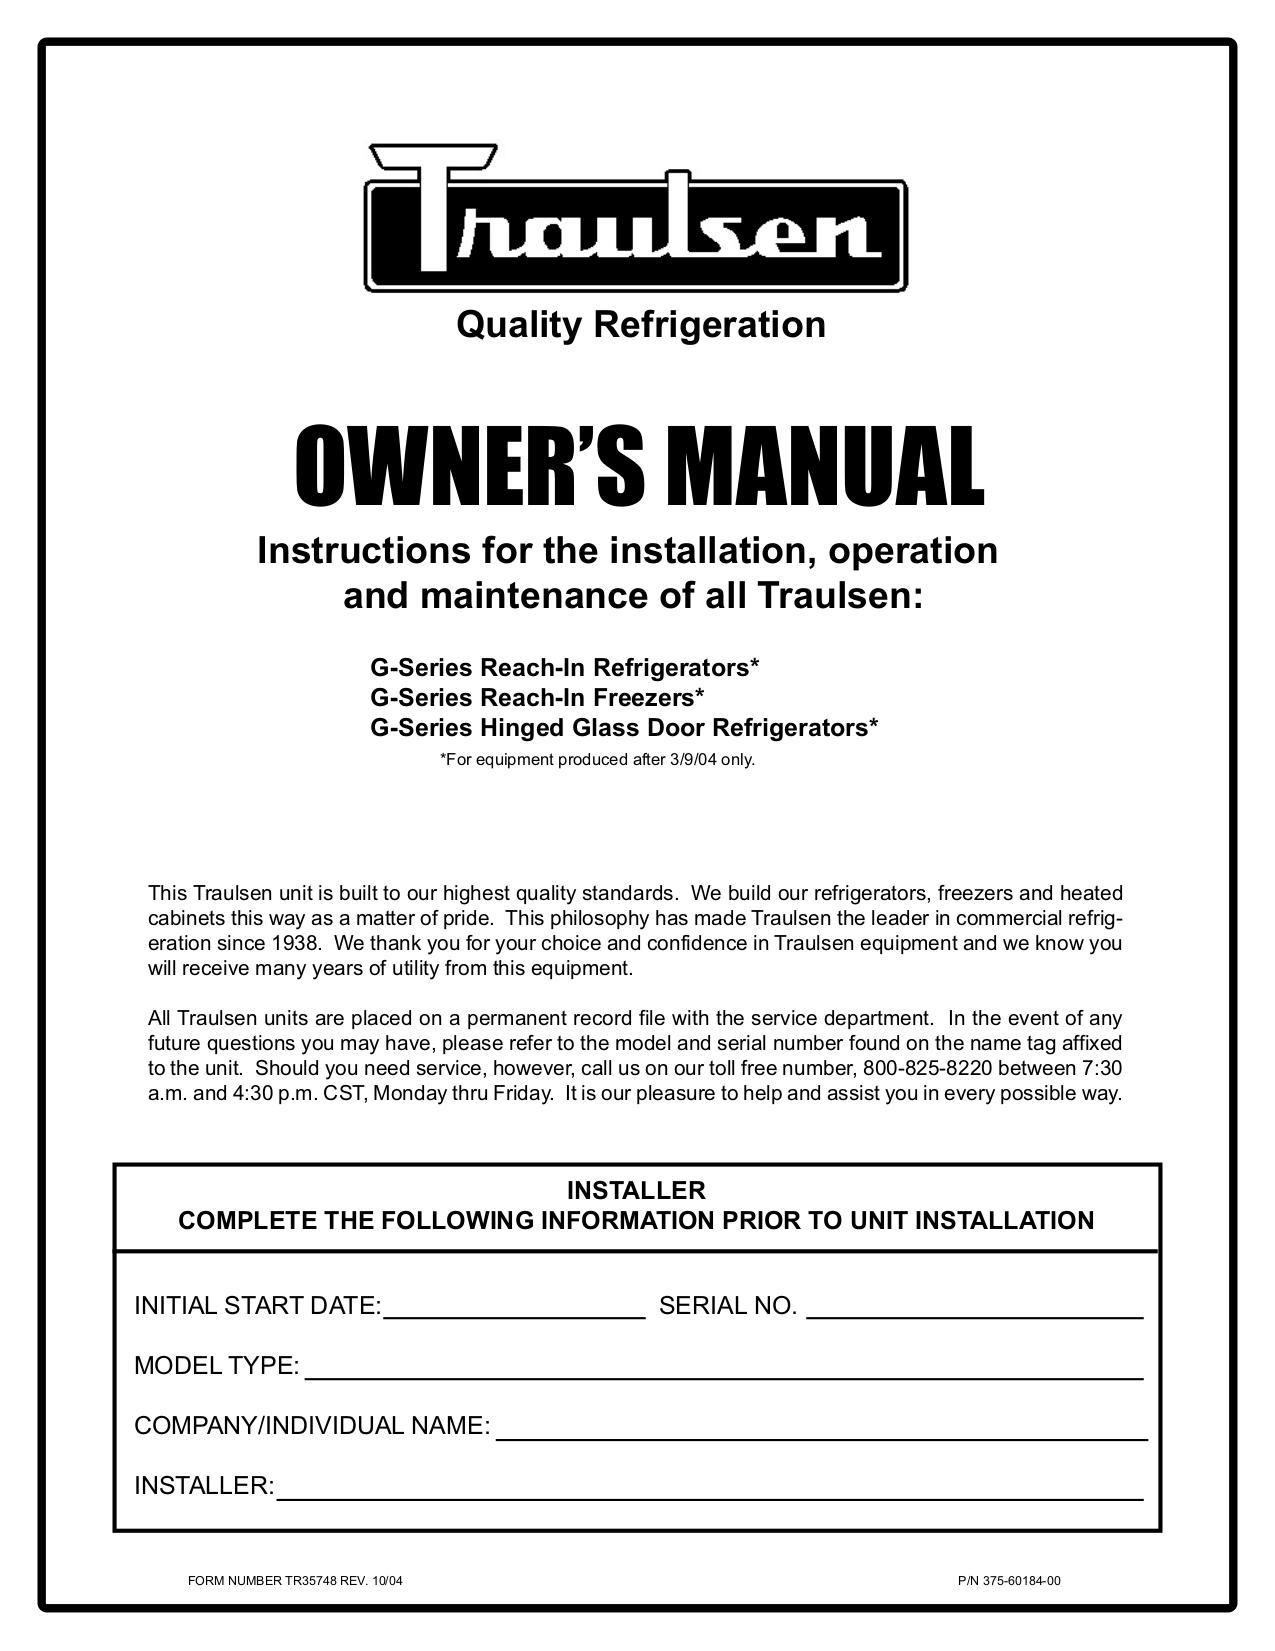 Download free pdf for Traulsen G22010 Freezer manual on